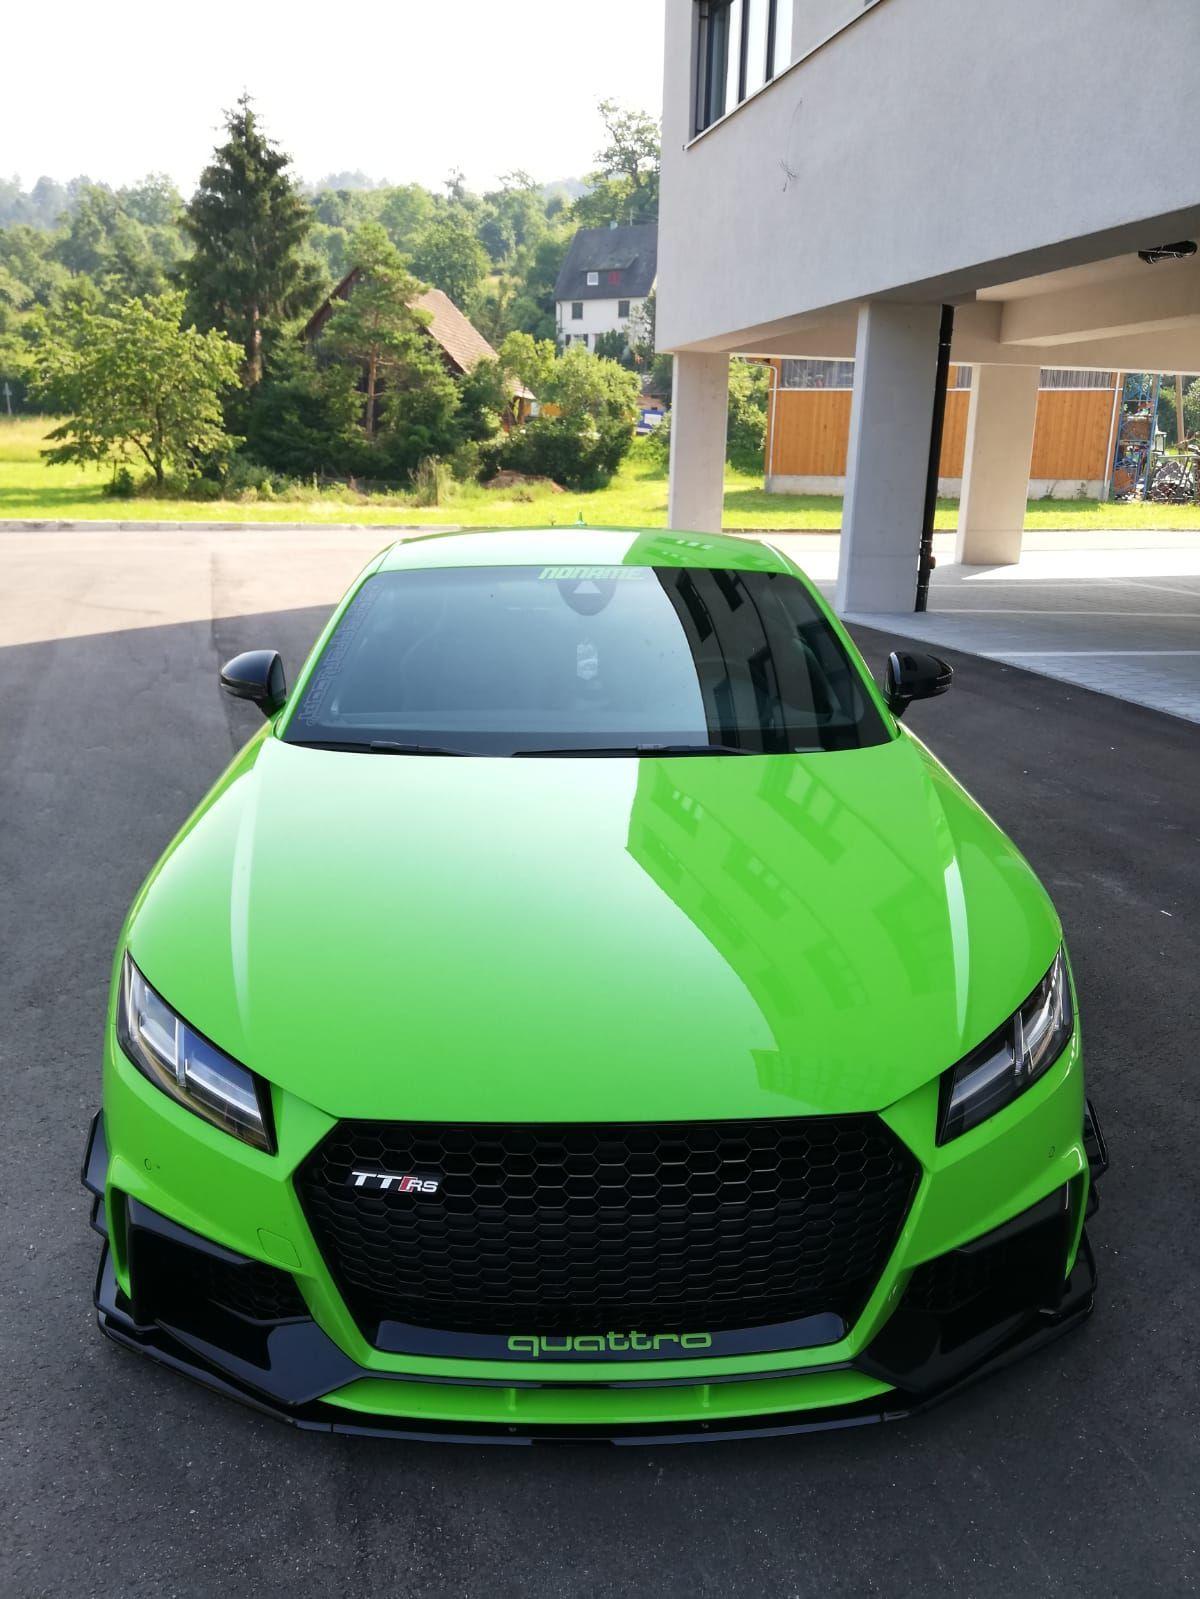 Audi TT RS #audi #ttrs #rs #audittrs #12453 #fivepot #quattro #leagueofperformance #fourrings #vorsprungdurchtechnik